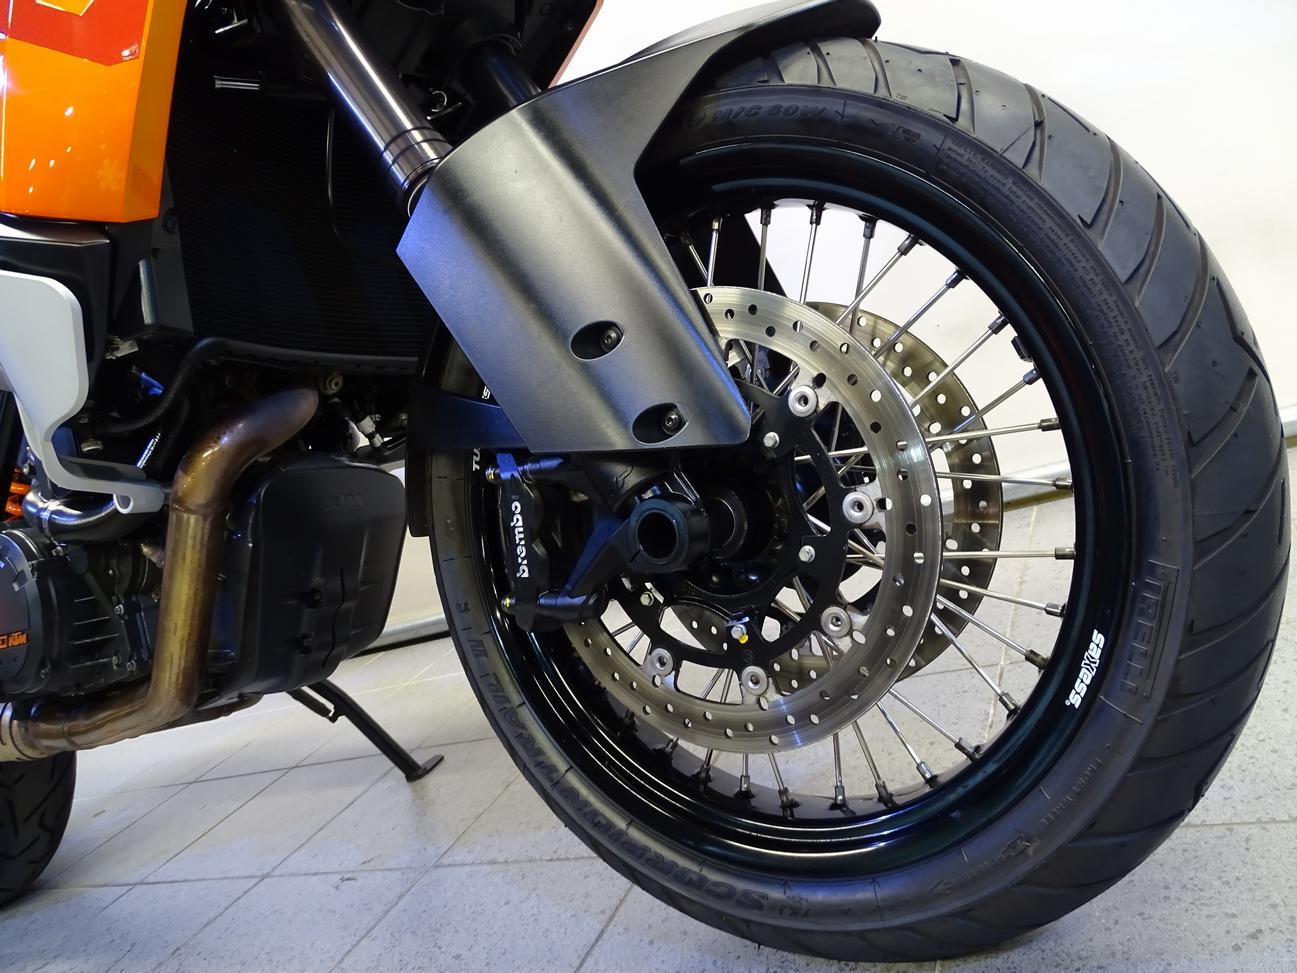 KTM - 1190 ADVENTURE ABS/MSC